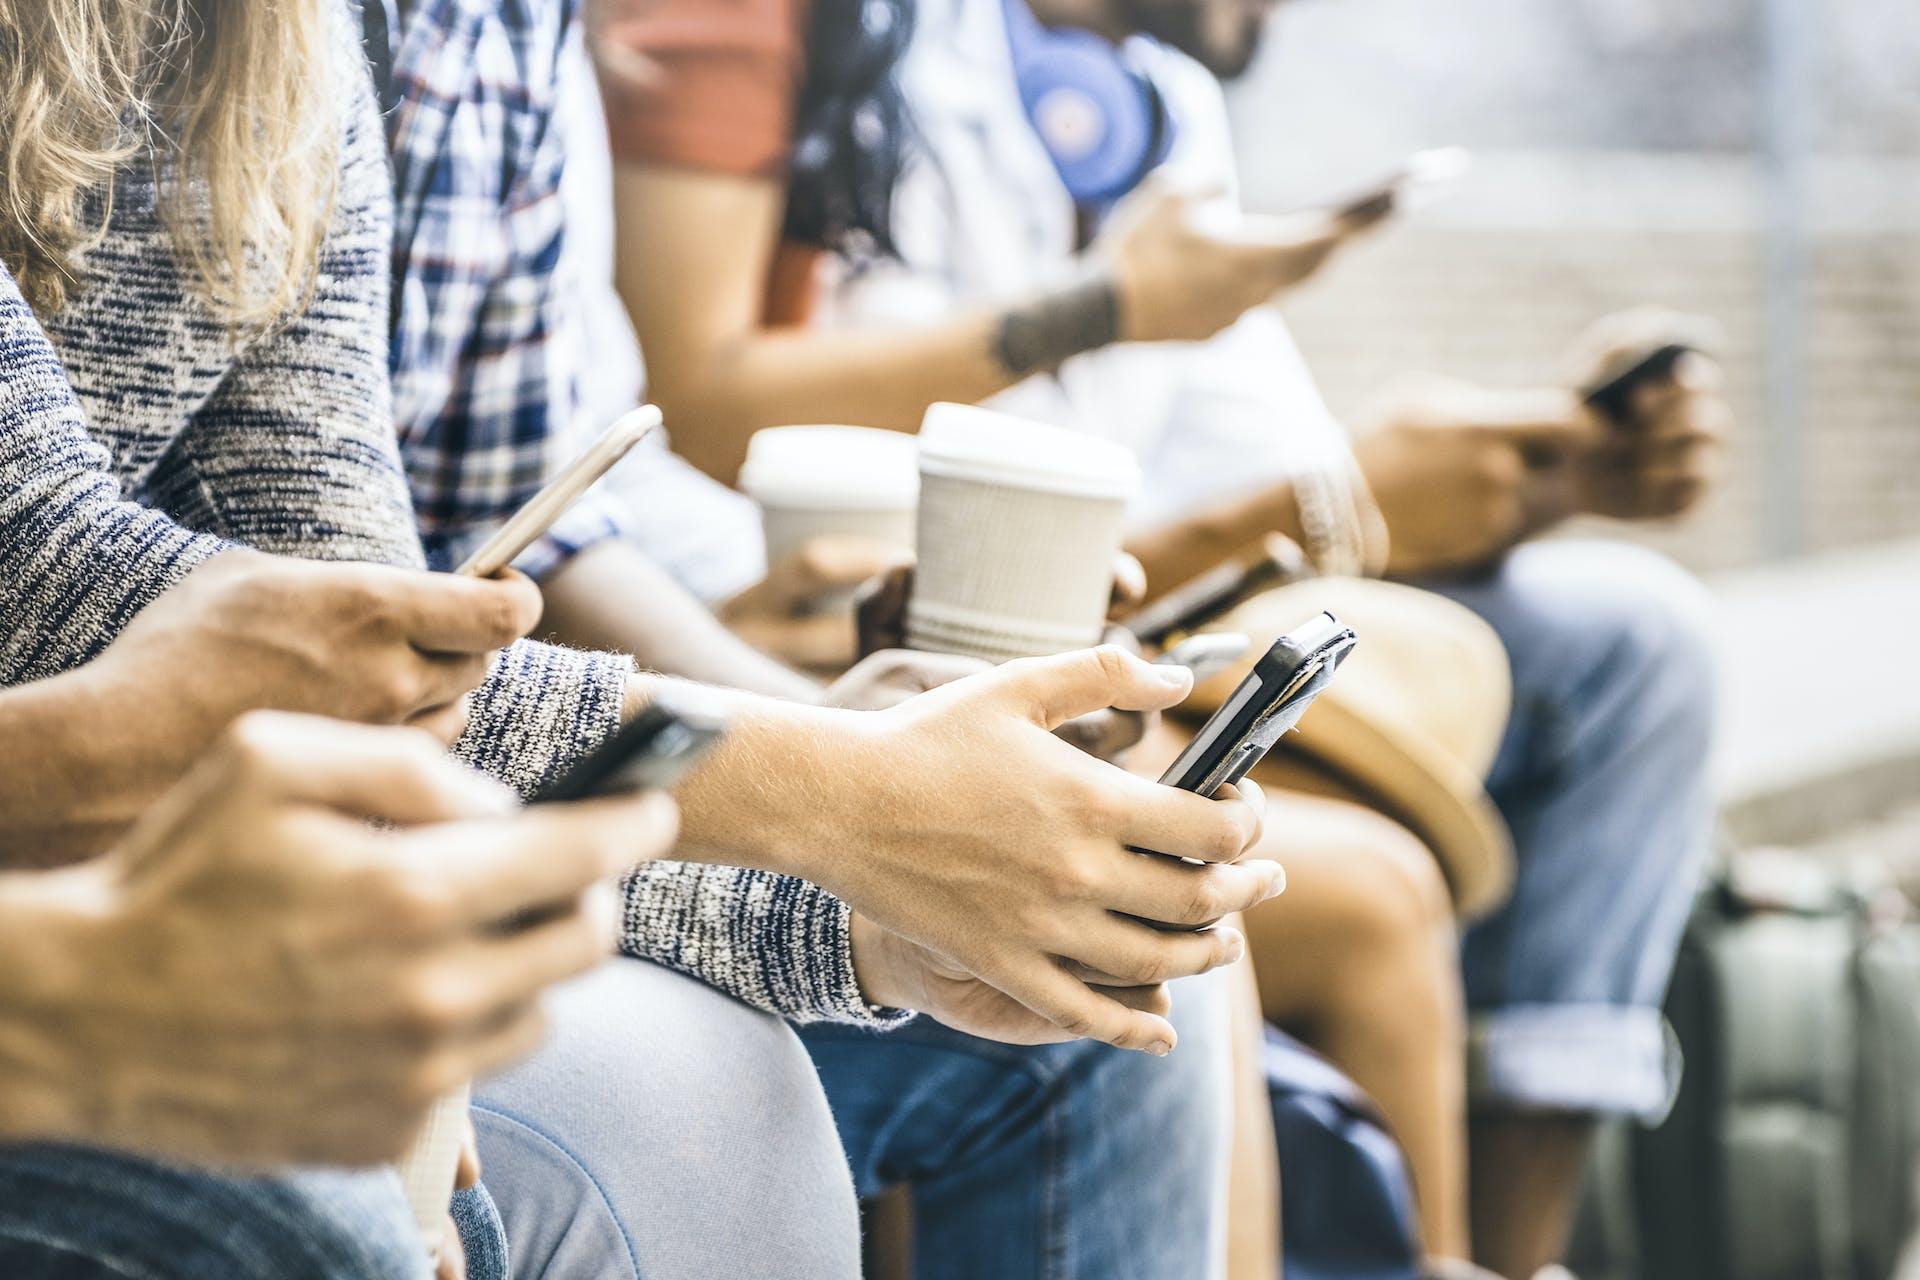 Photo Menschen mit Kaffees und Smartphones in den Händen